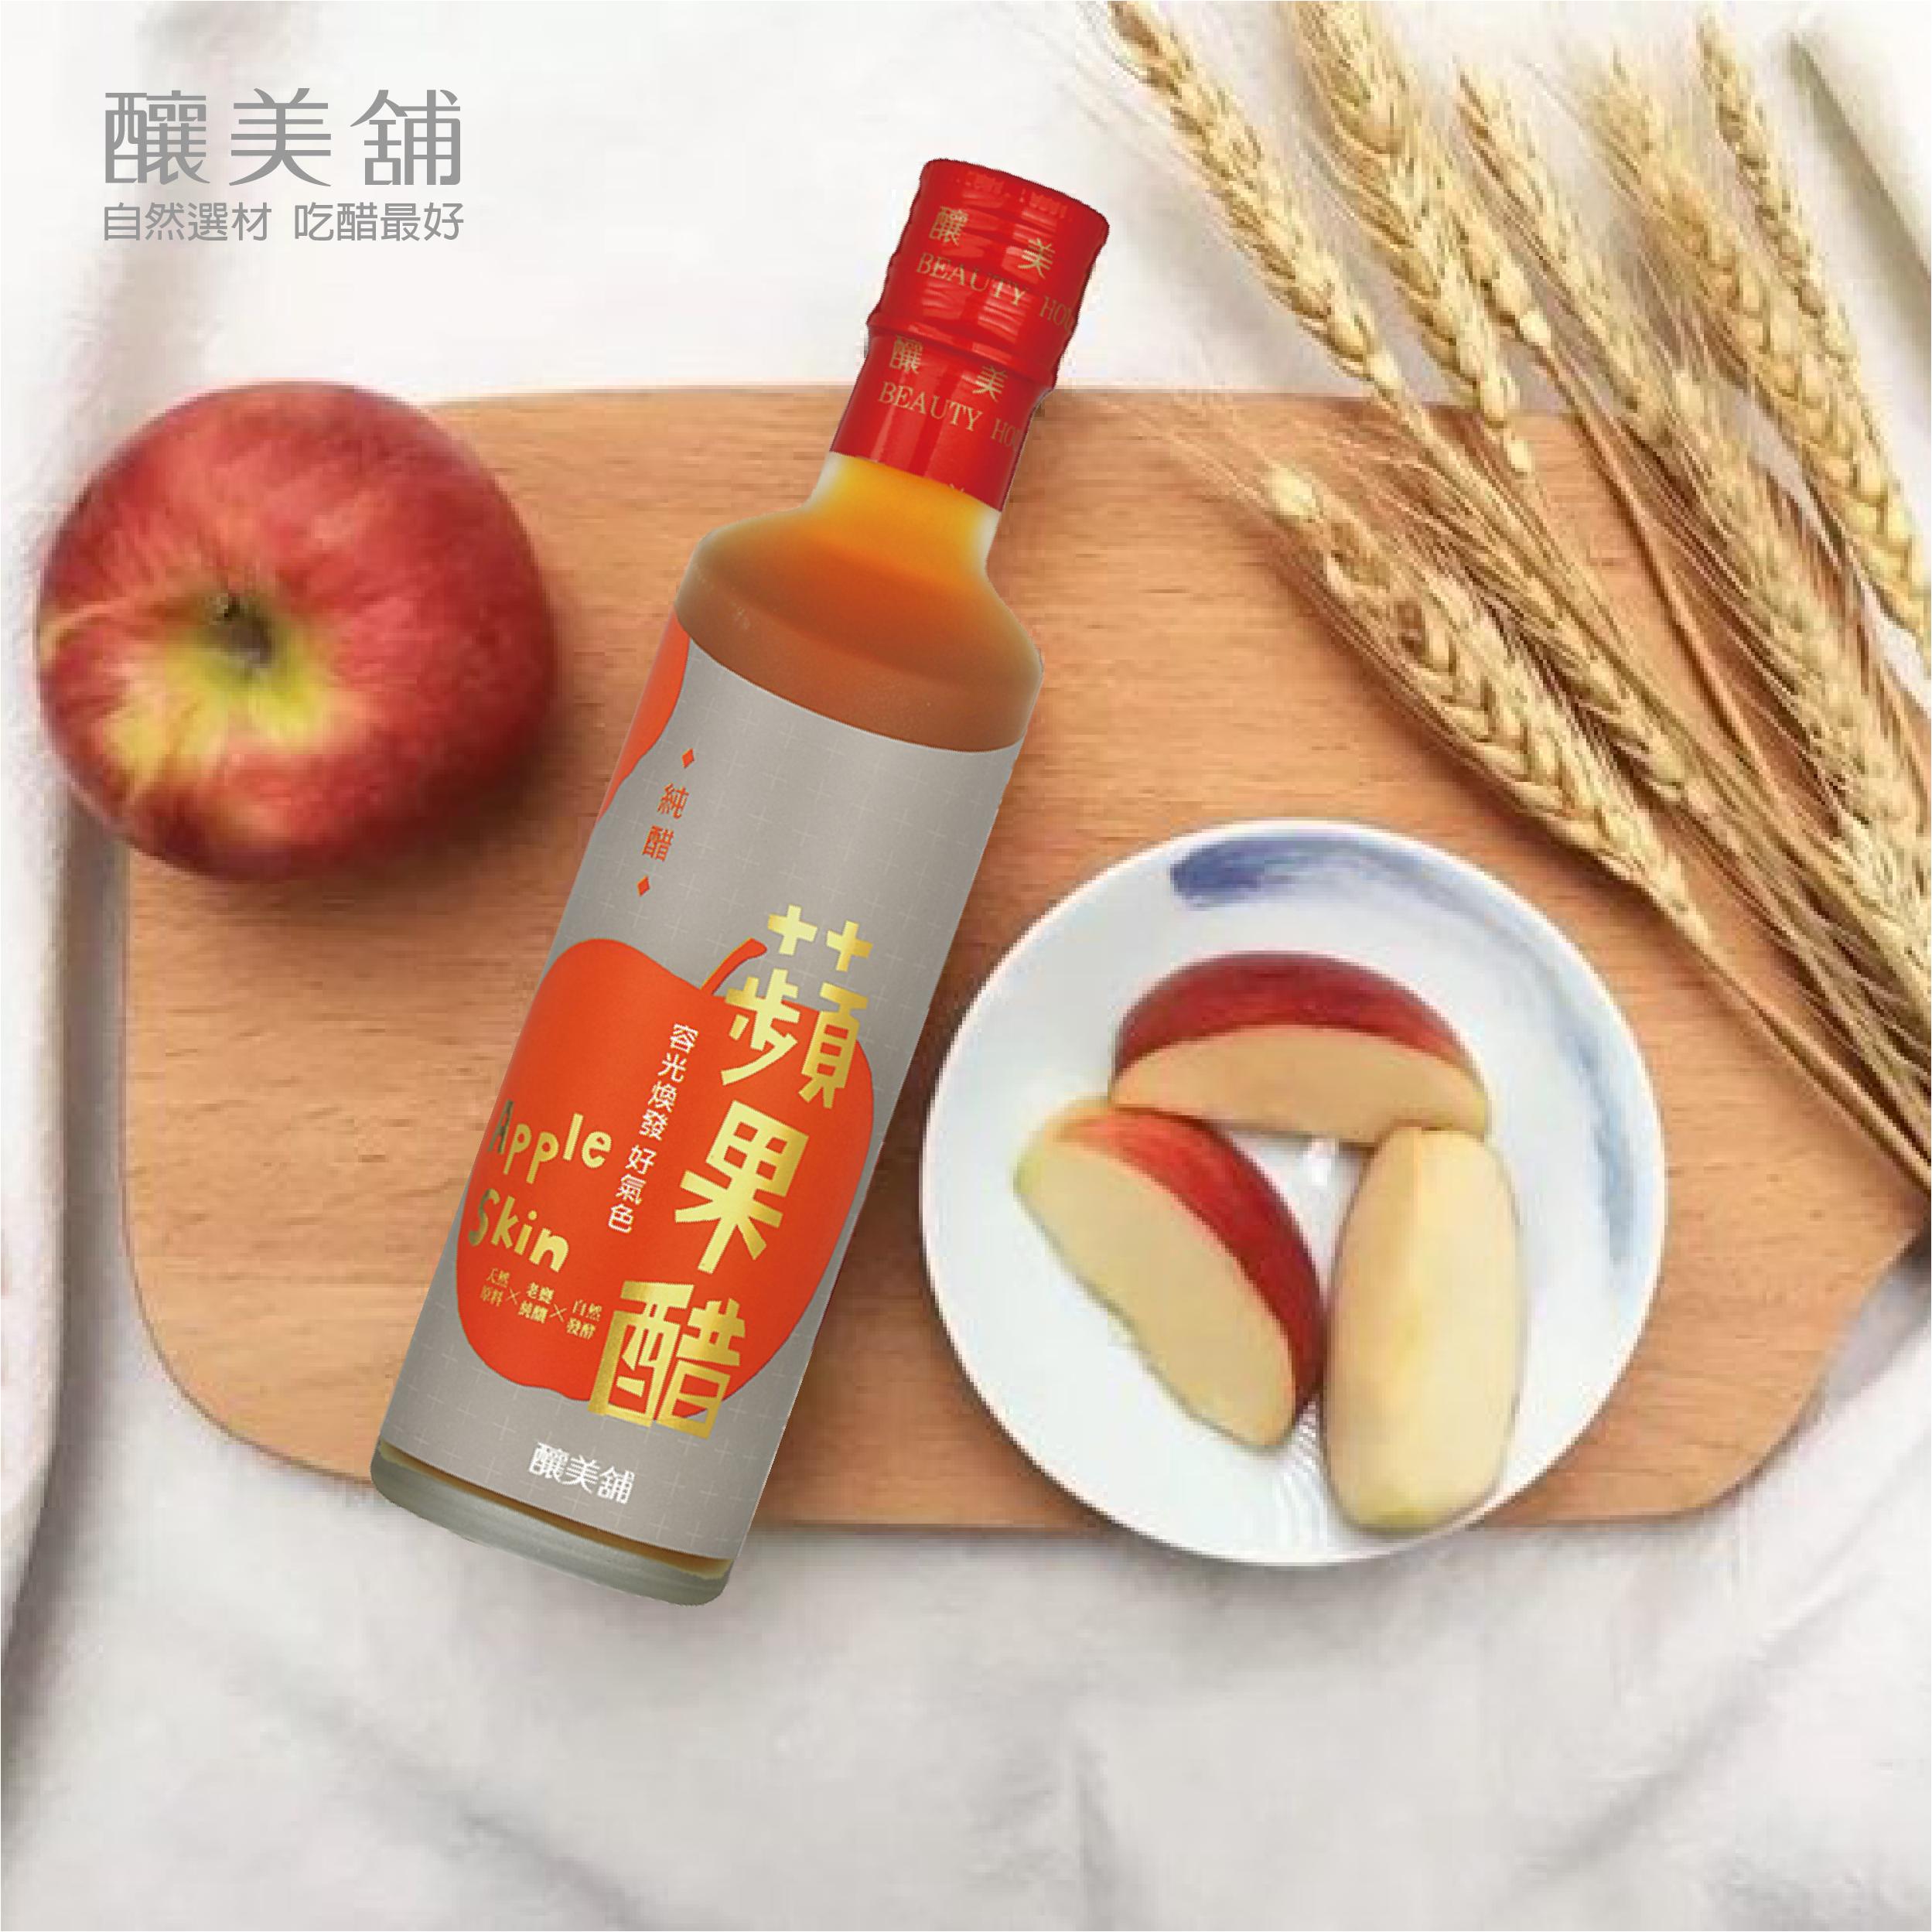 【釀美舖】蘋果純醋 250ml (無糖) 100%蘋果天然發酵